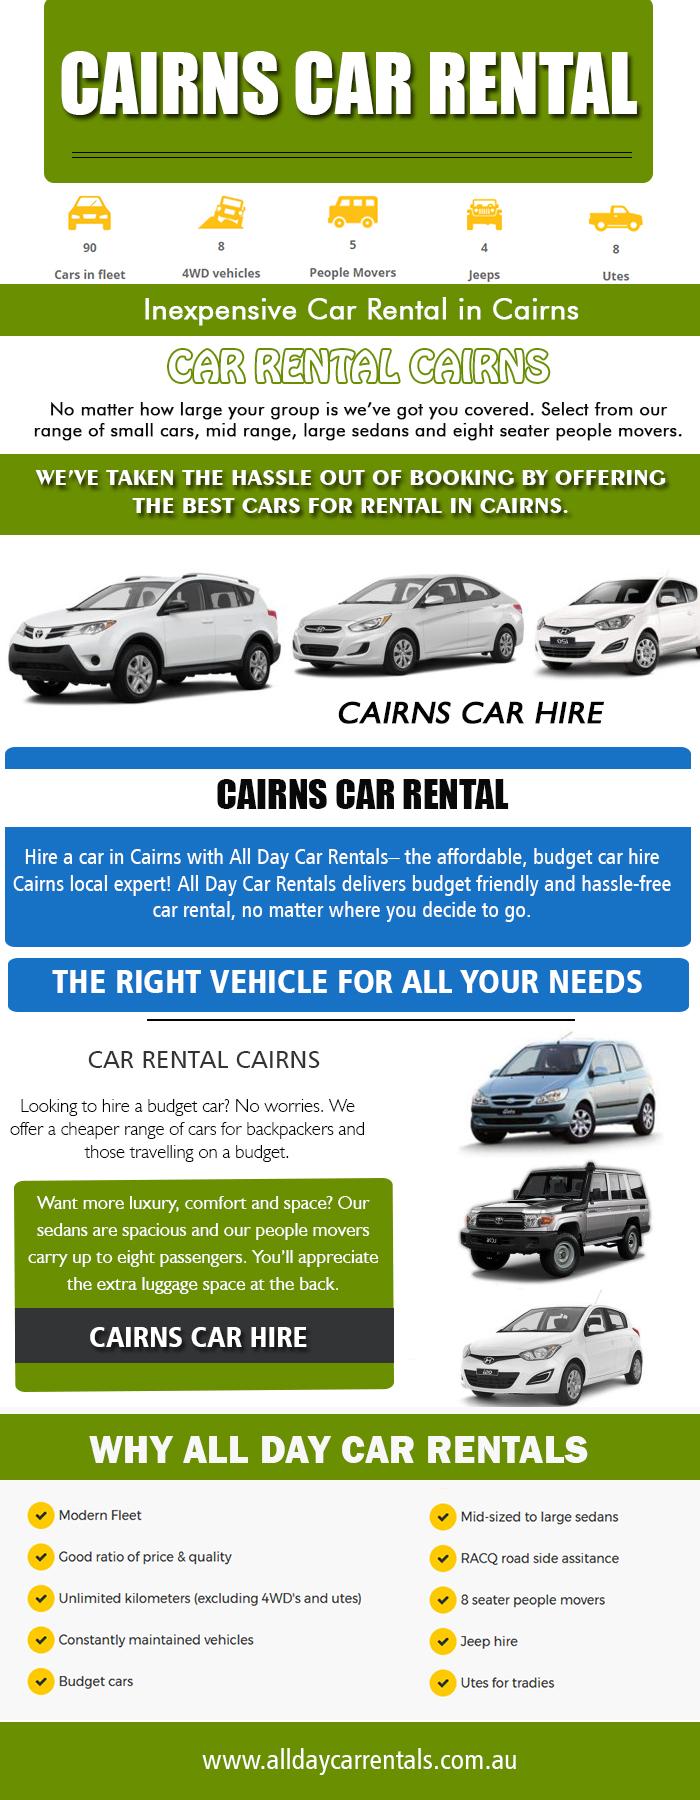 hire car cairns